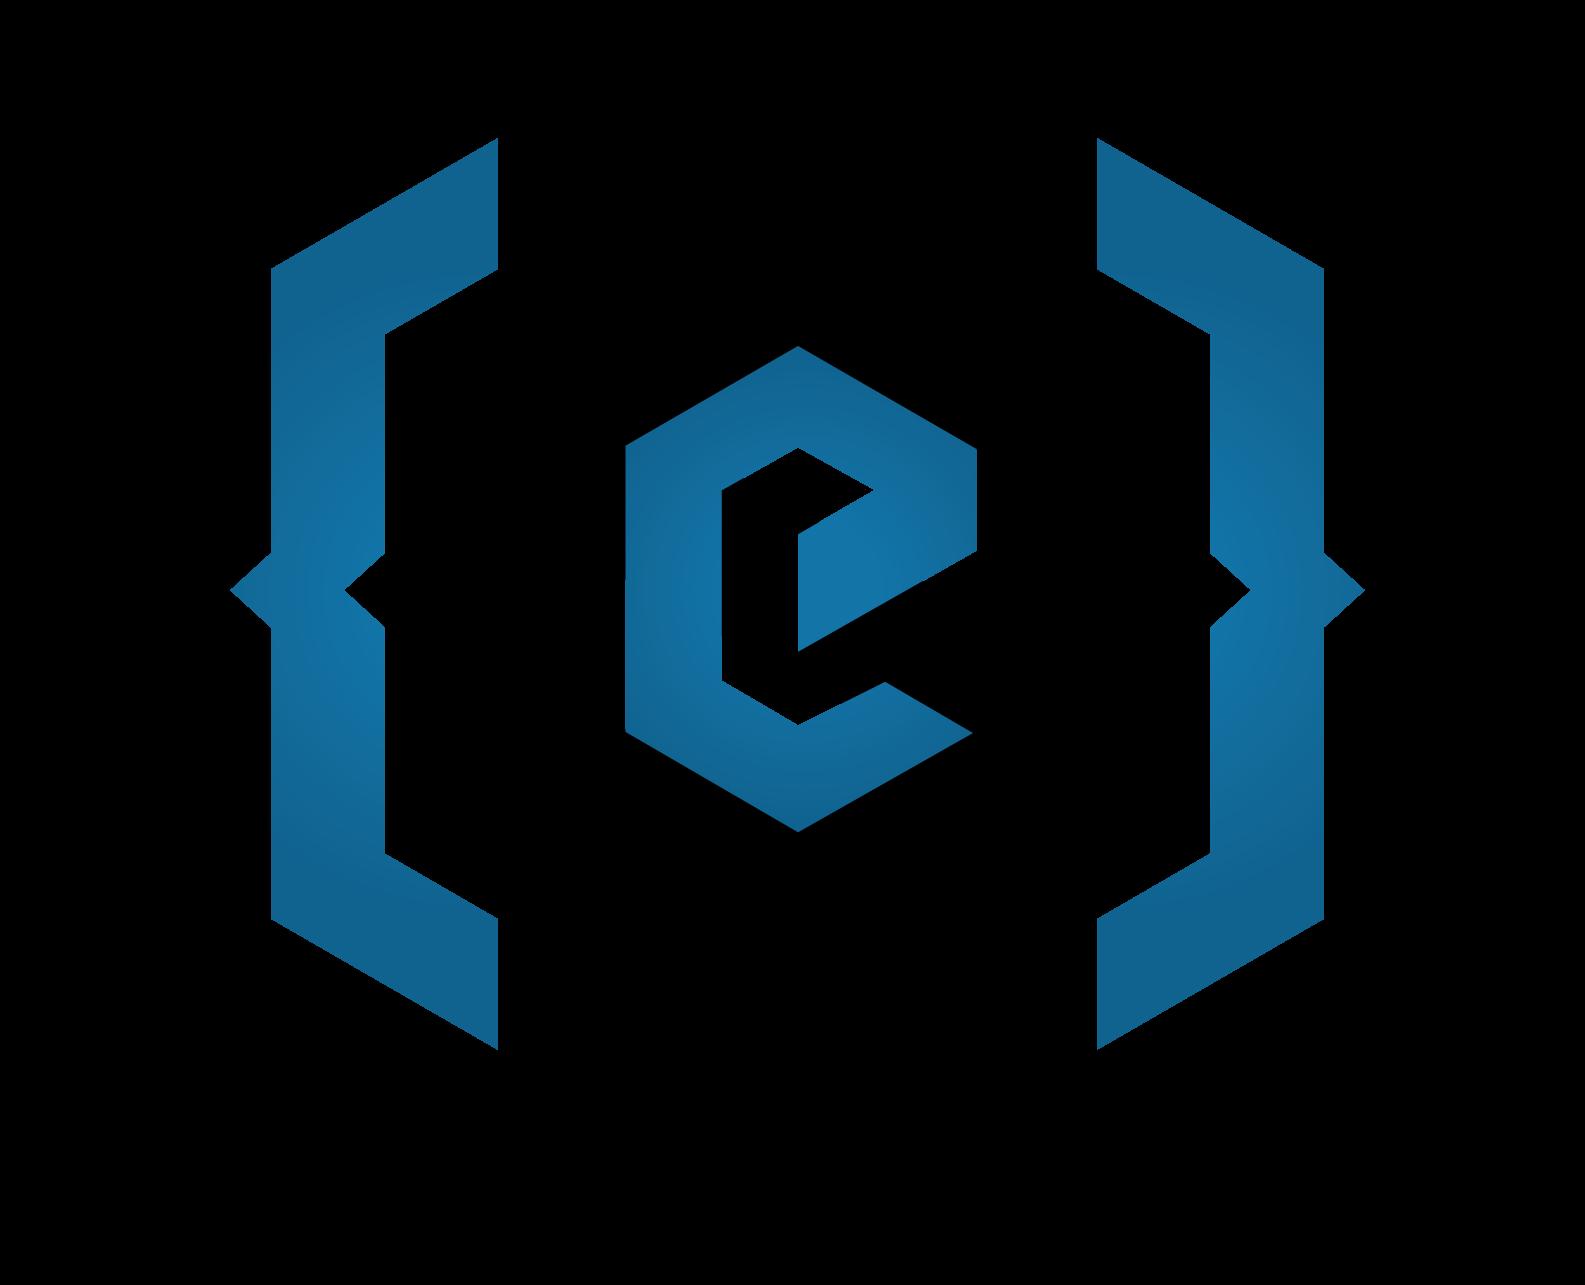 Logo do curso do Engenharia de Software (com nome do curso)